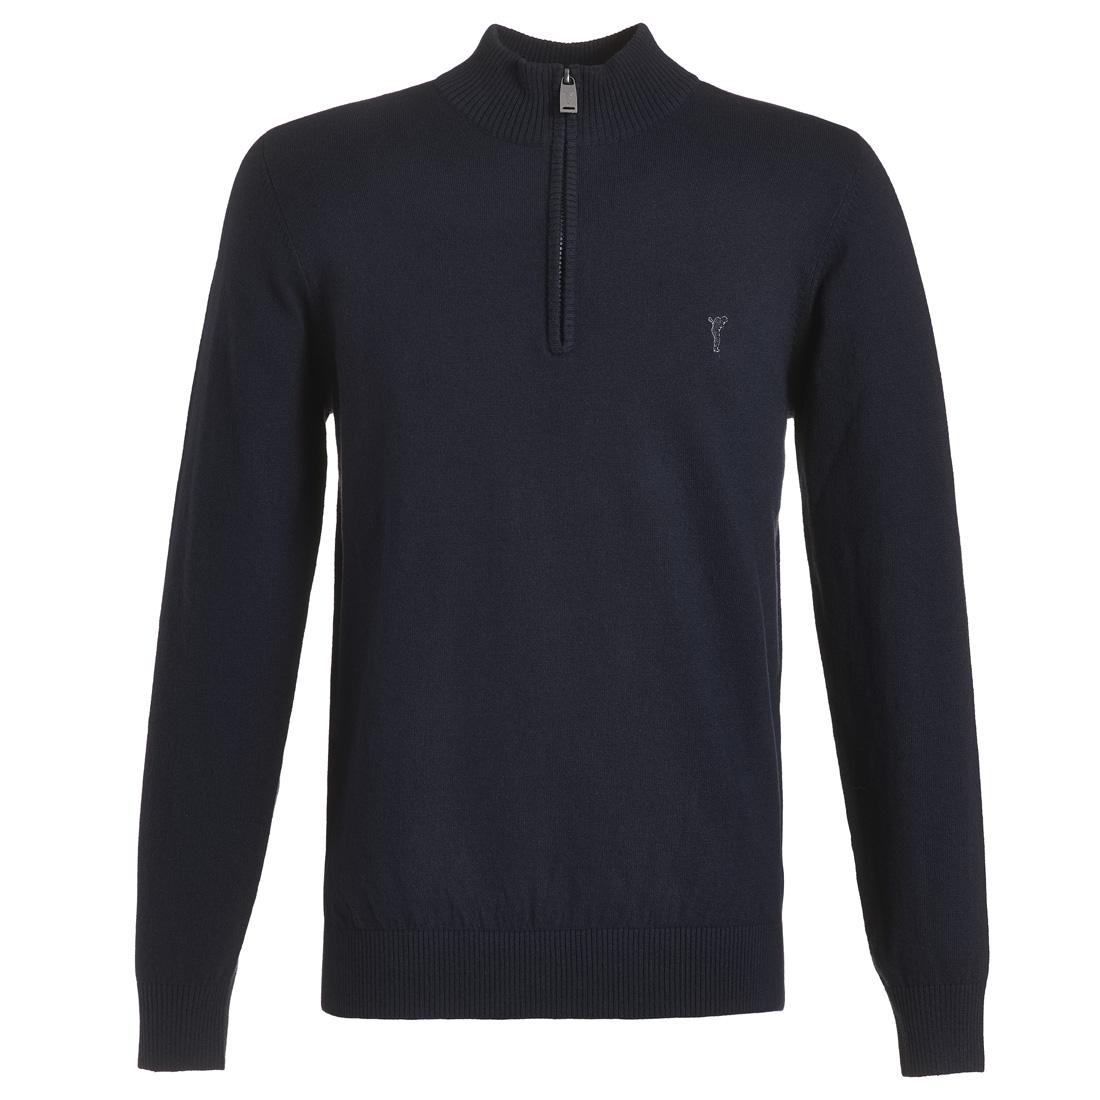 Golf Troyer aus extrafeiner Wolle